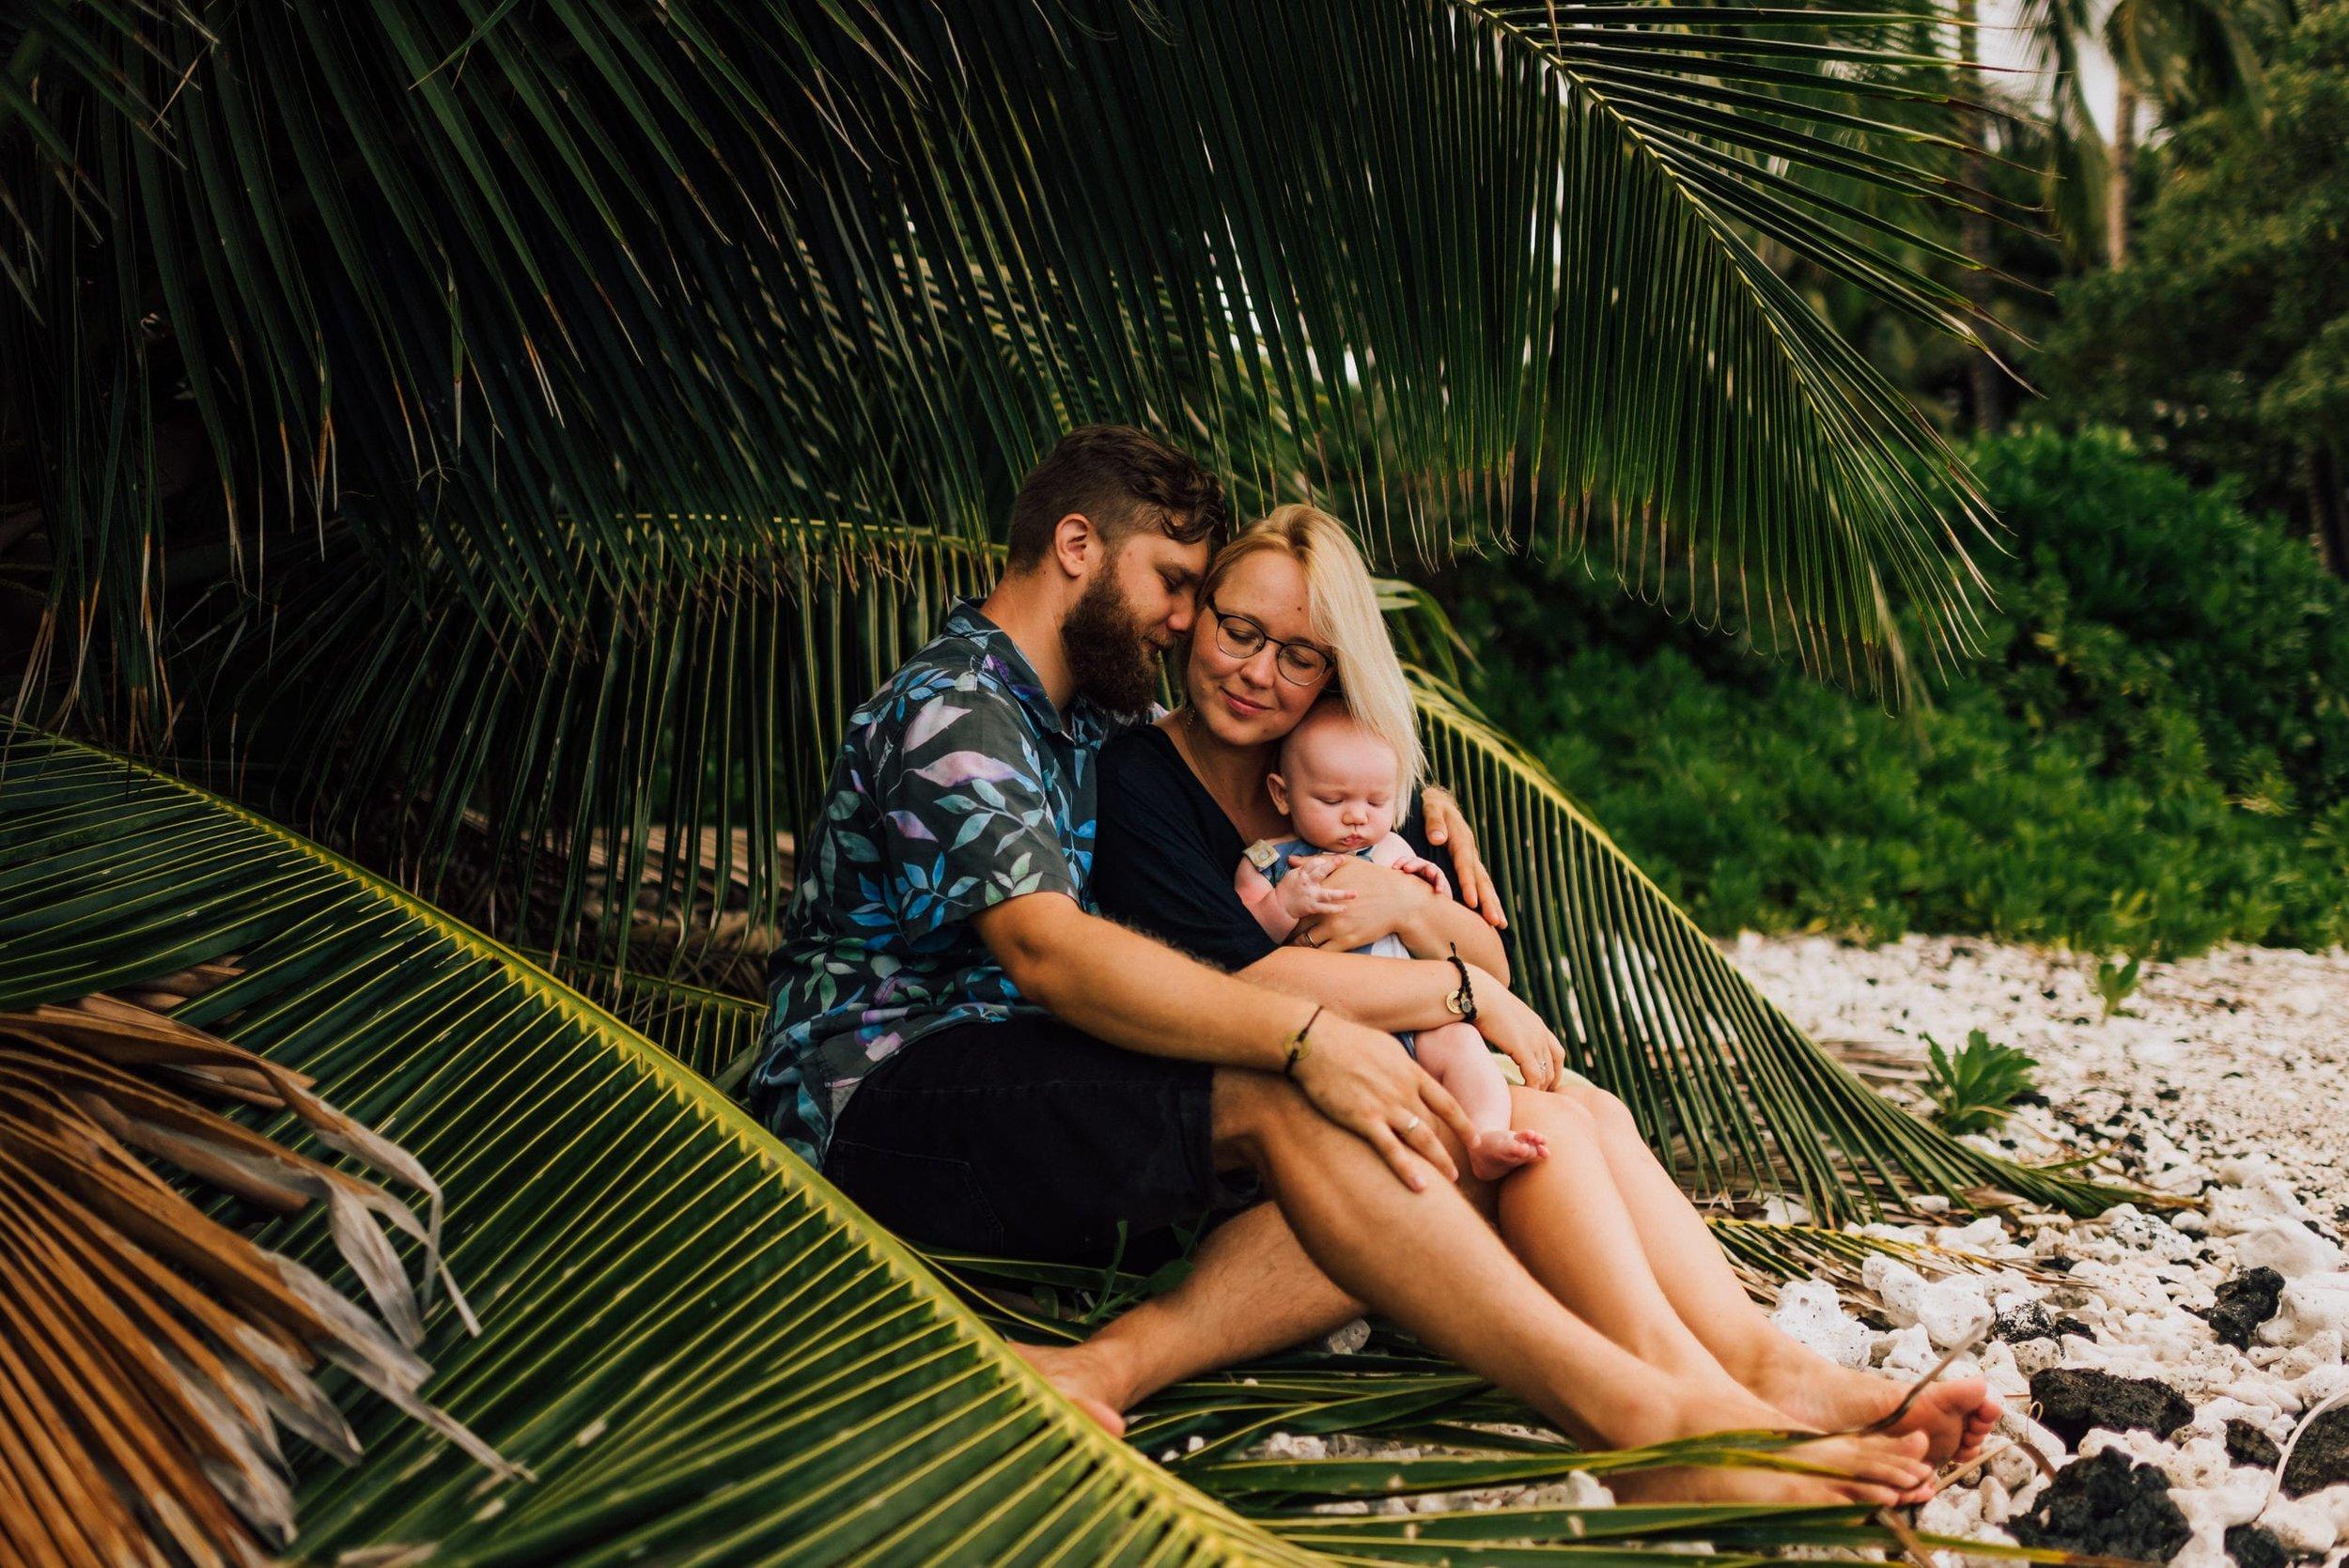 Hawaii-Family-Photographer-8.jpg